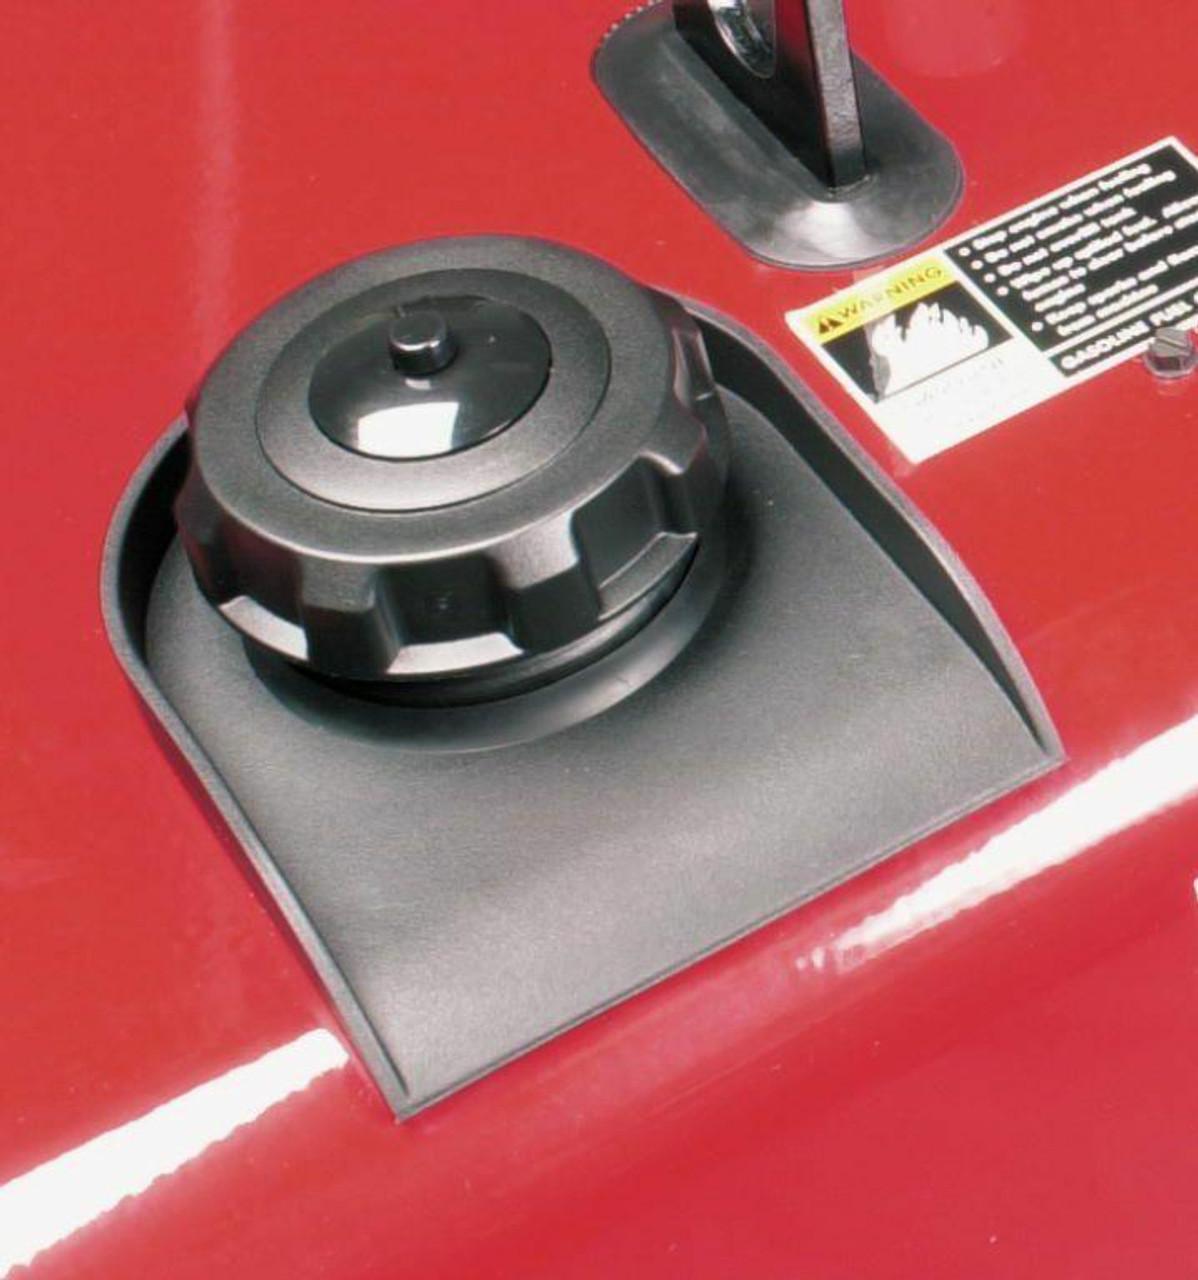 Lincoln Electric Lincoln Electric Ranger 250 GXT Kohler W/EFP Engine Drive Welder - K2382-4